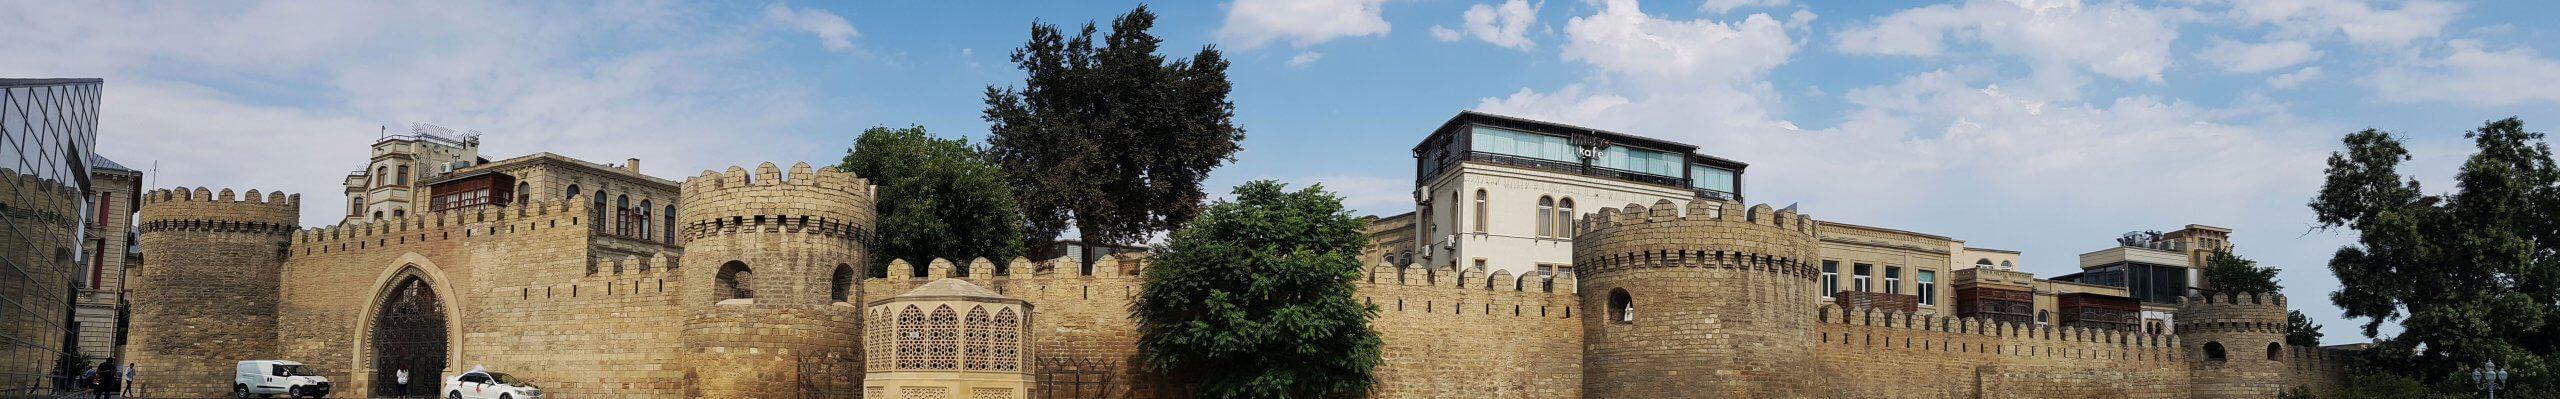 Altstadt von Baku, von der Stadtmauer, die auf dem BIld zu sehen ist, umschlossen